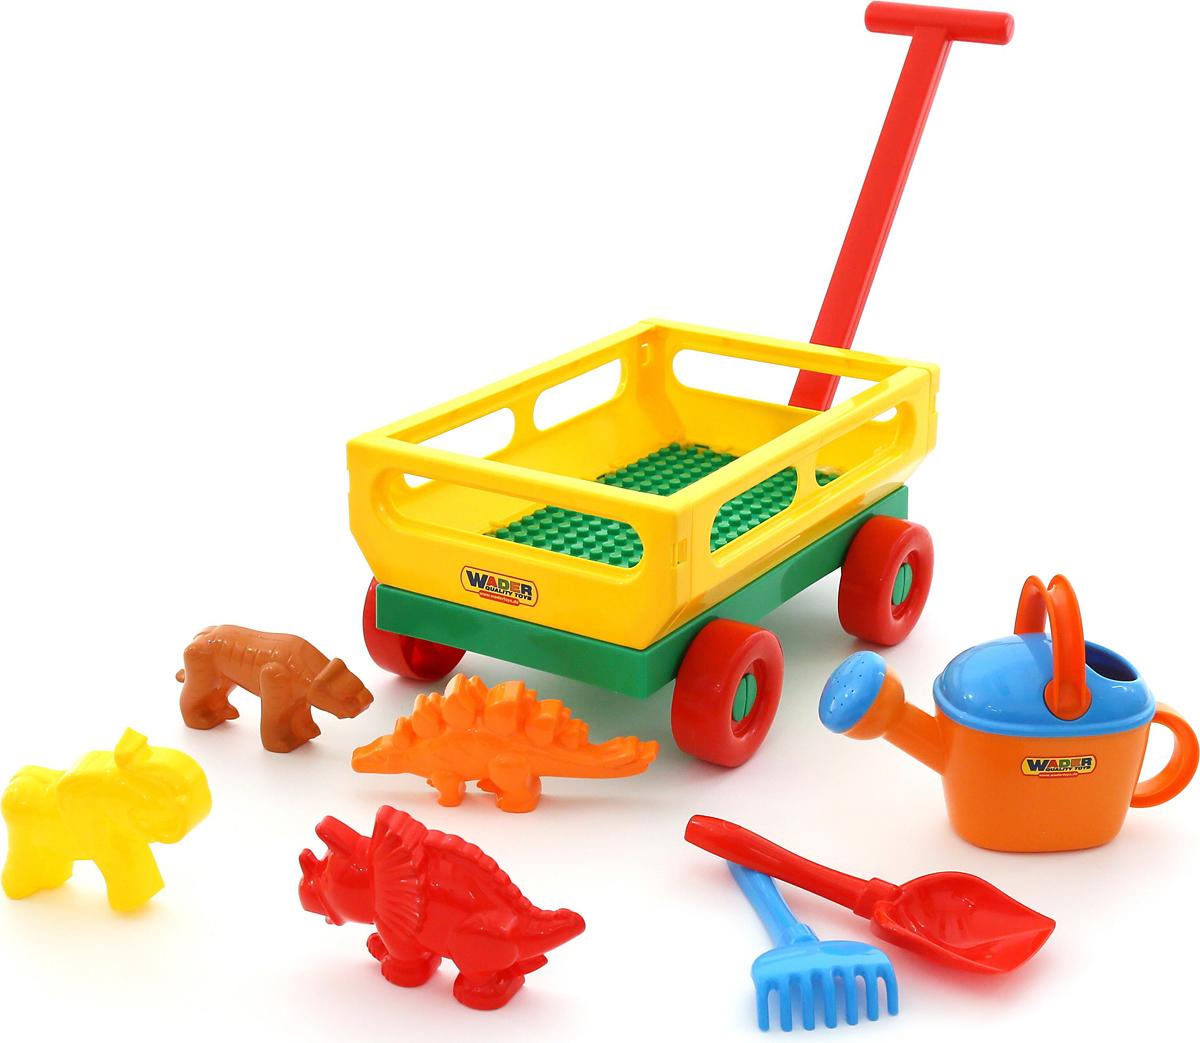 Полесье Набор игрушек для песочницы №485 - Игры на открытом воздухе